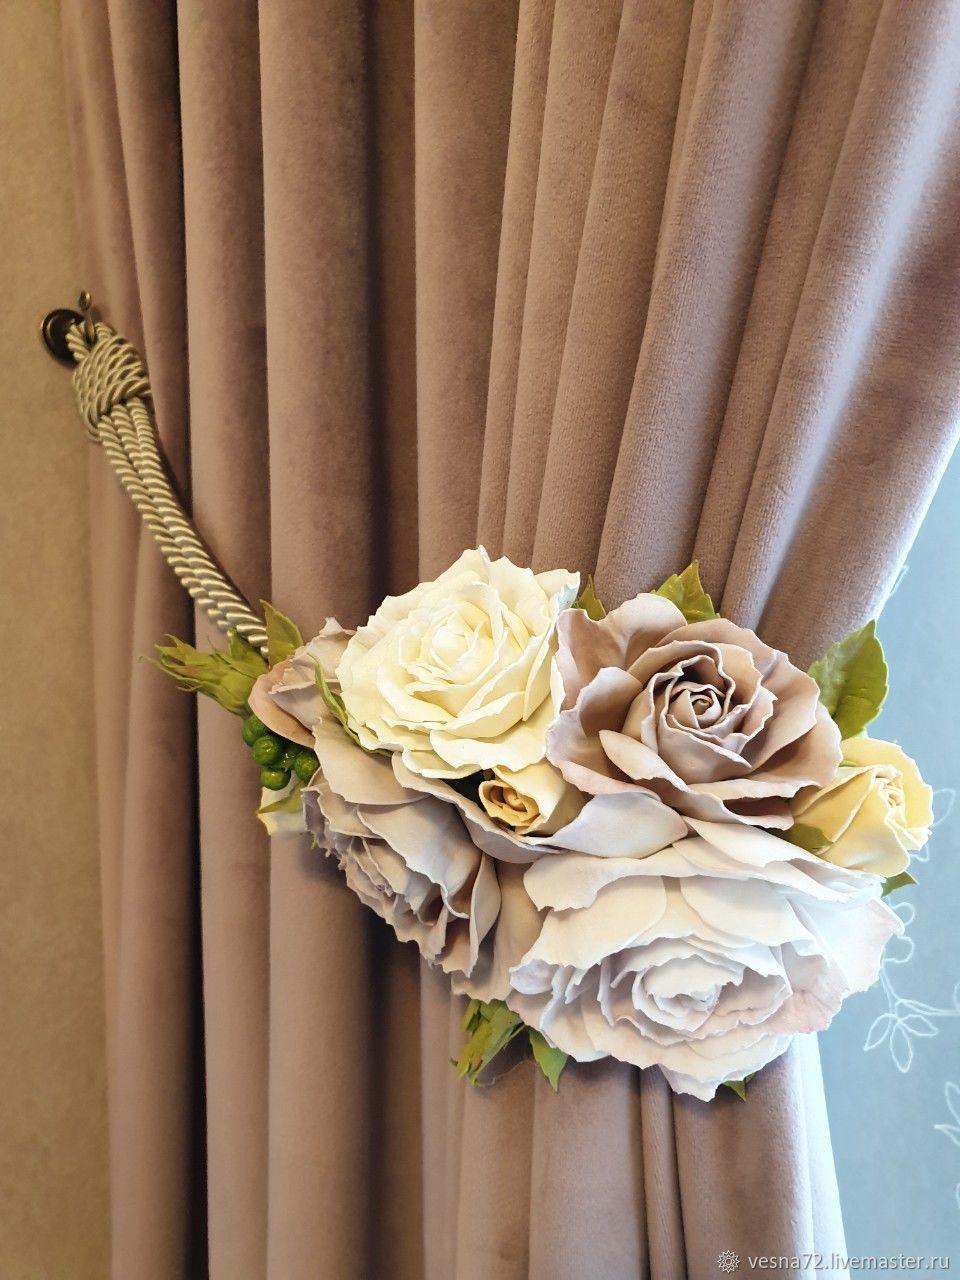 Подхваты для штор +100 фото оригинальных идей для декора